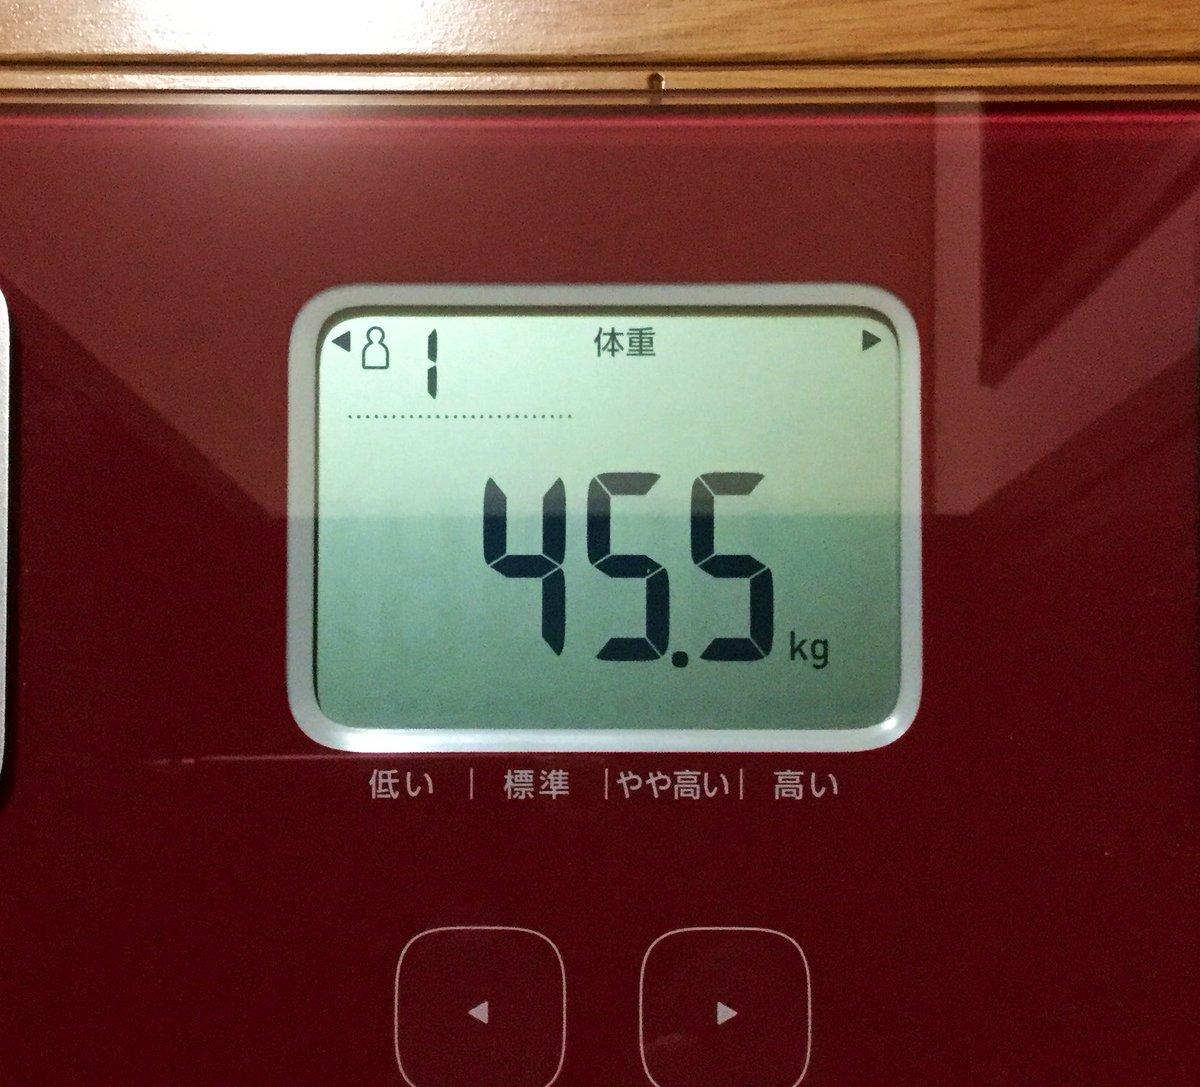 體重下降了